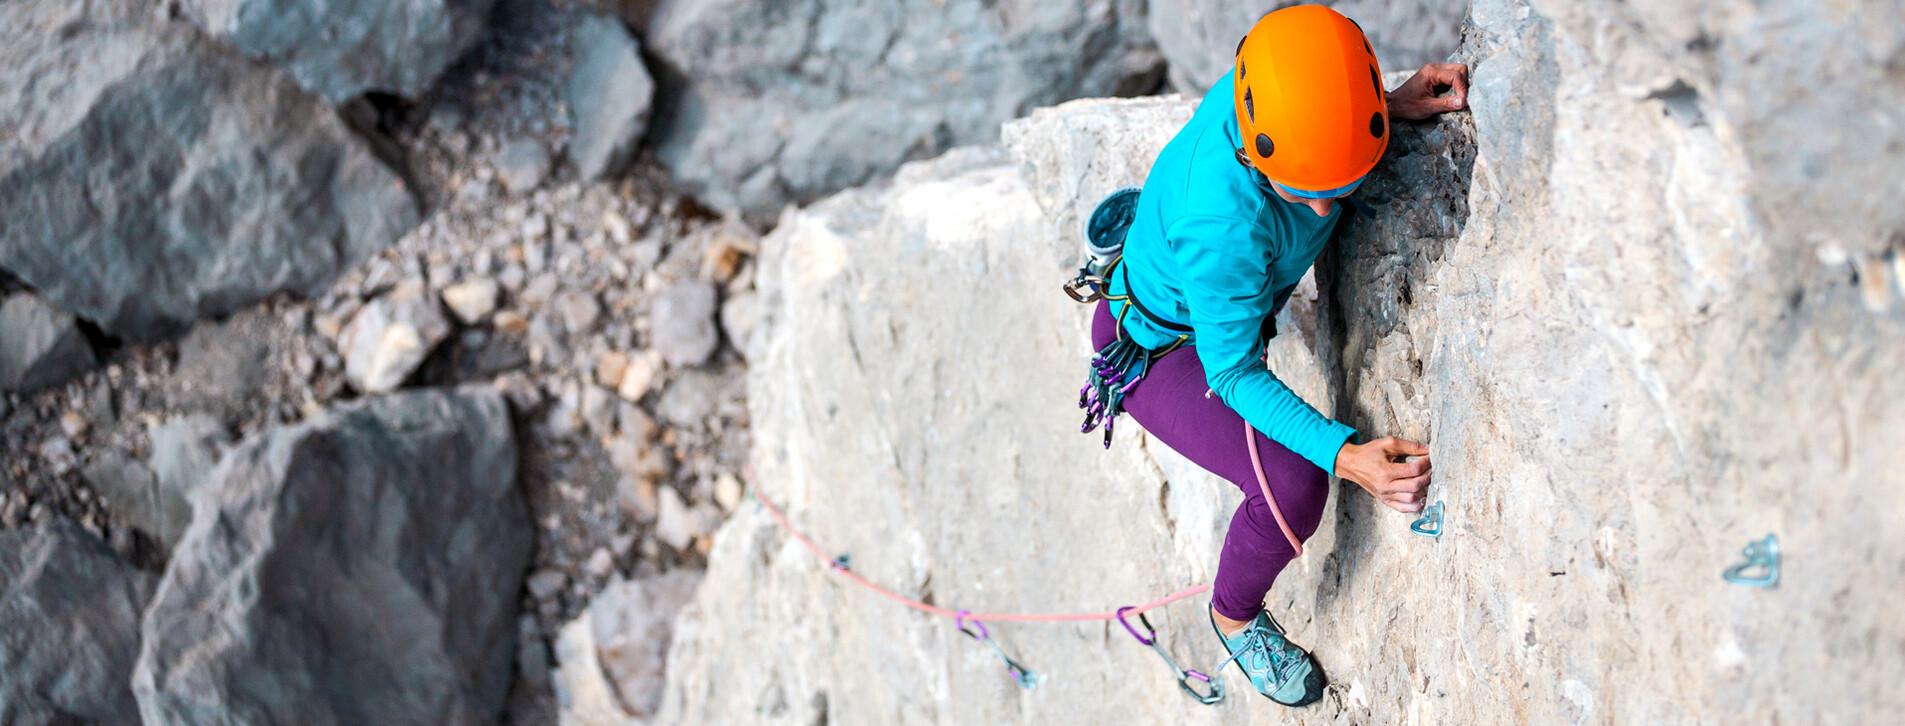 Fotoğraf - Aile için Kaya Tırmanış Eğitimi